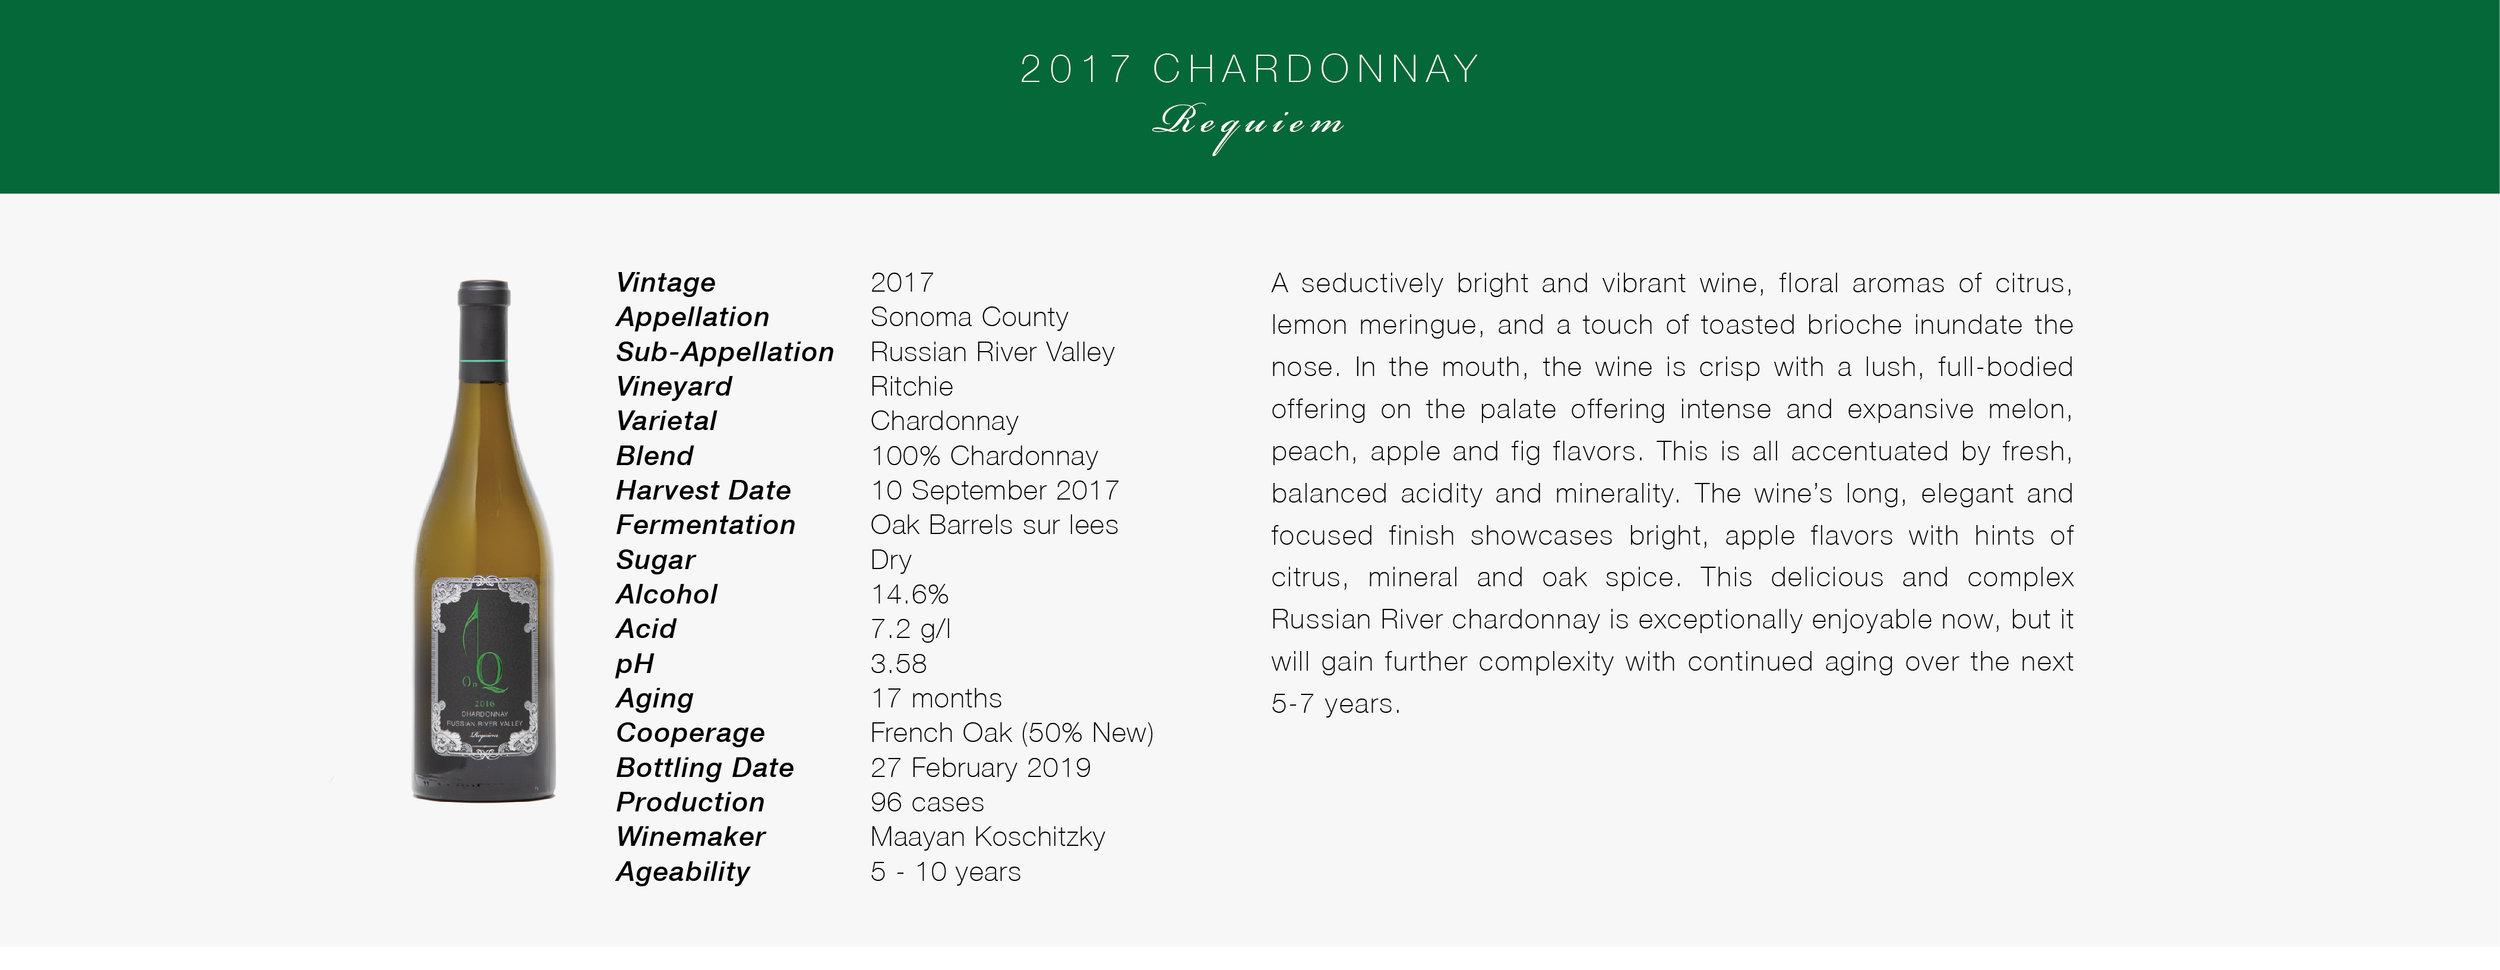 Chardonnay_2017_v1.jpg